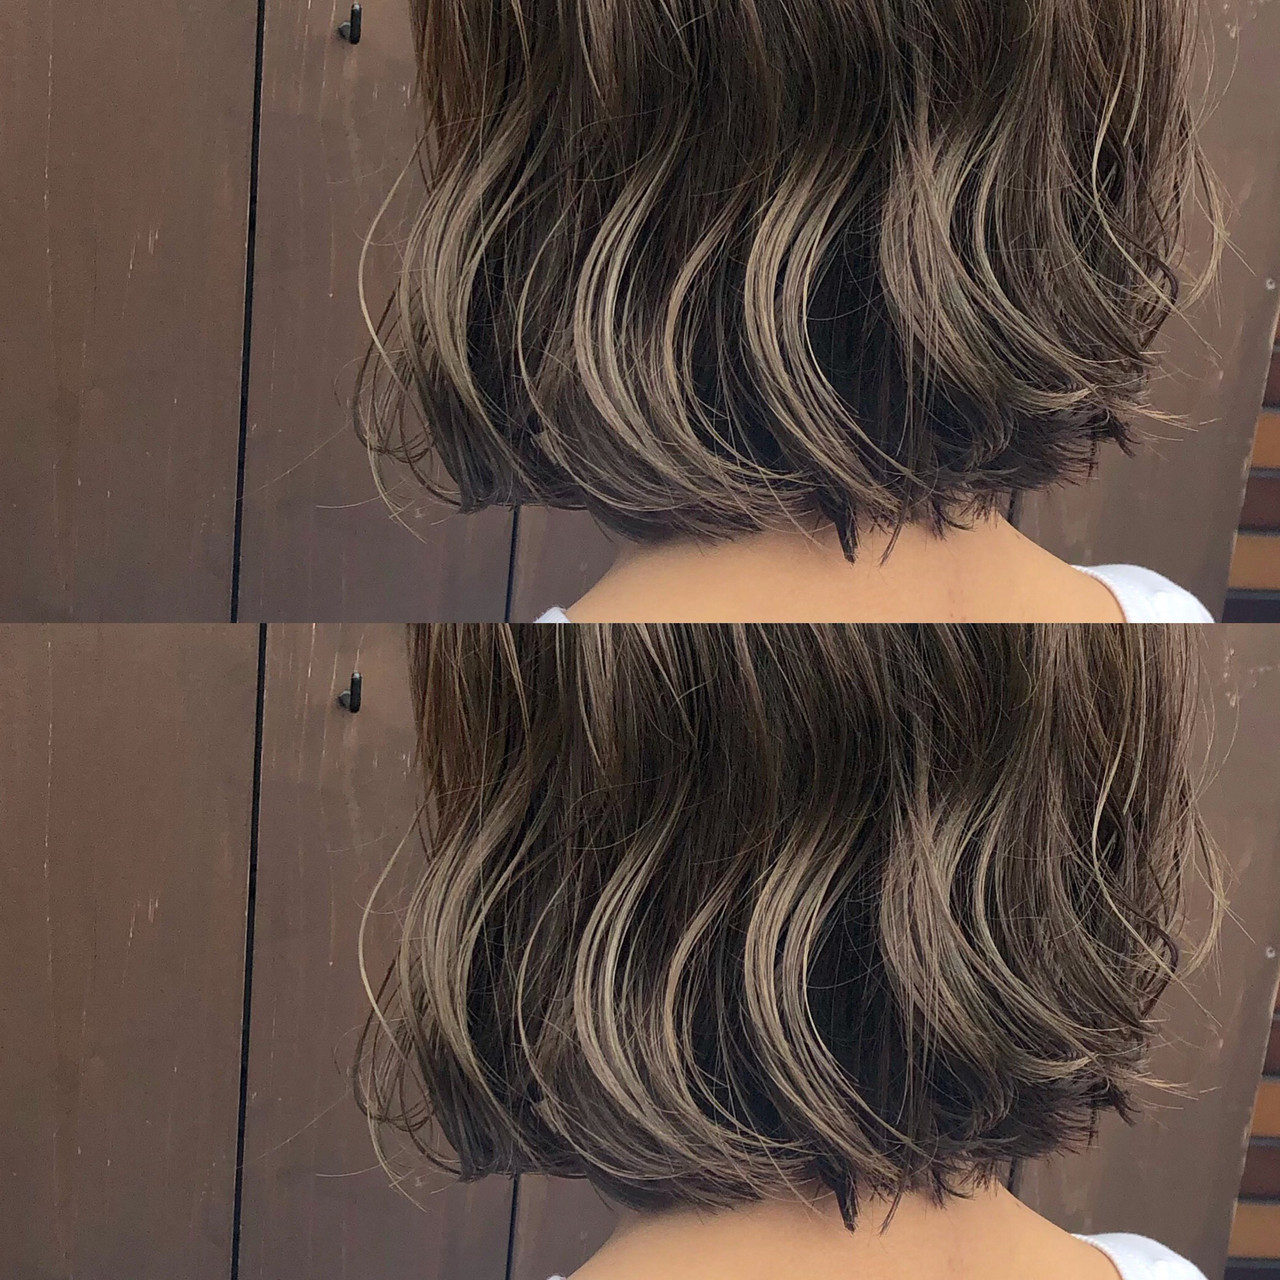 ミルクティーベージュ ナチュラル 地毛風カラー ボブ ヘアスタイルや髪型の写真・画像 | 山下純一 / JESSICA